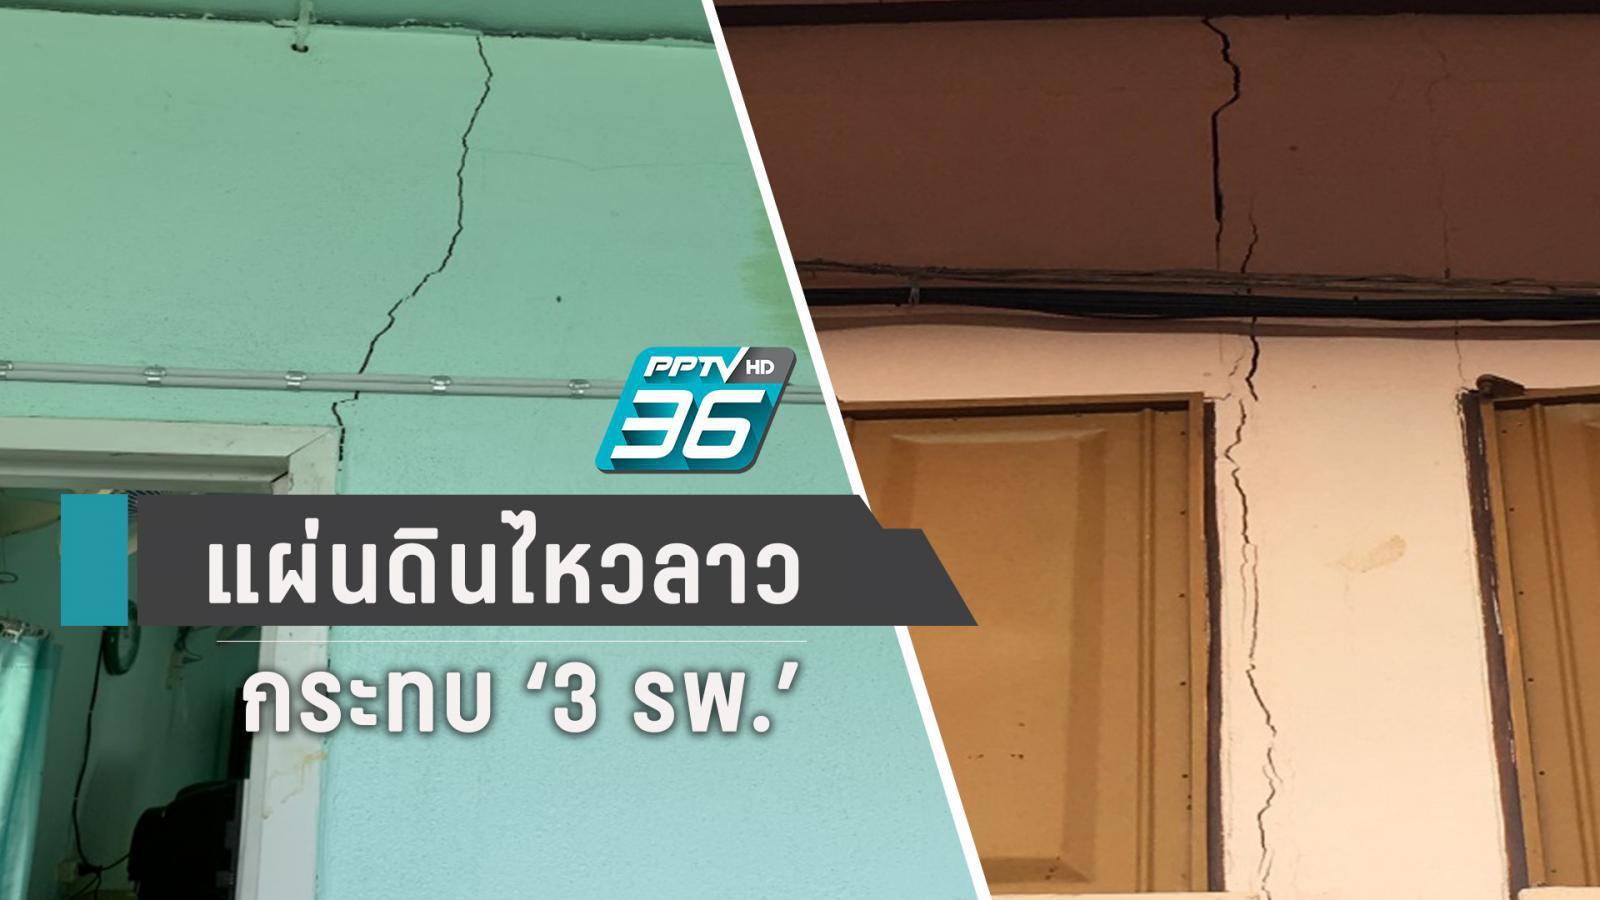 แผ่นดินไหวลาว ส่งผล '3 รพ.' พบรอยร้าวผนัง ย้ายผู้ป่วย ไม่มีผู้บาดเจ็บ